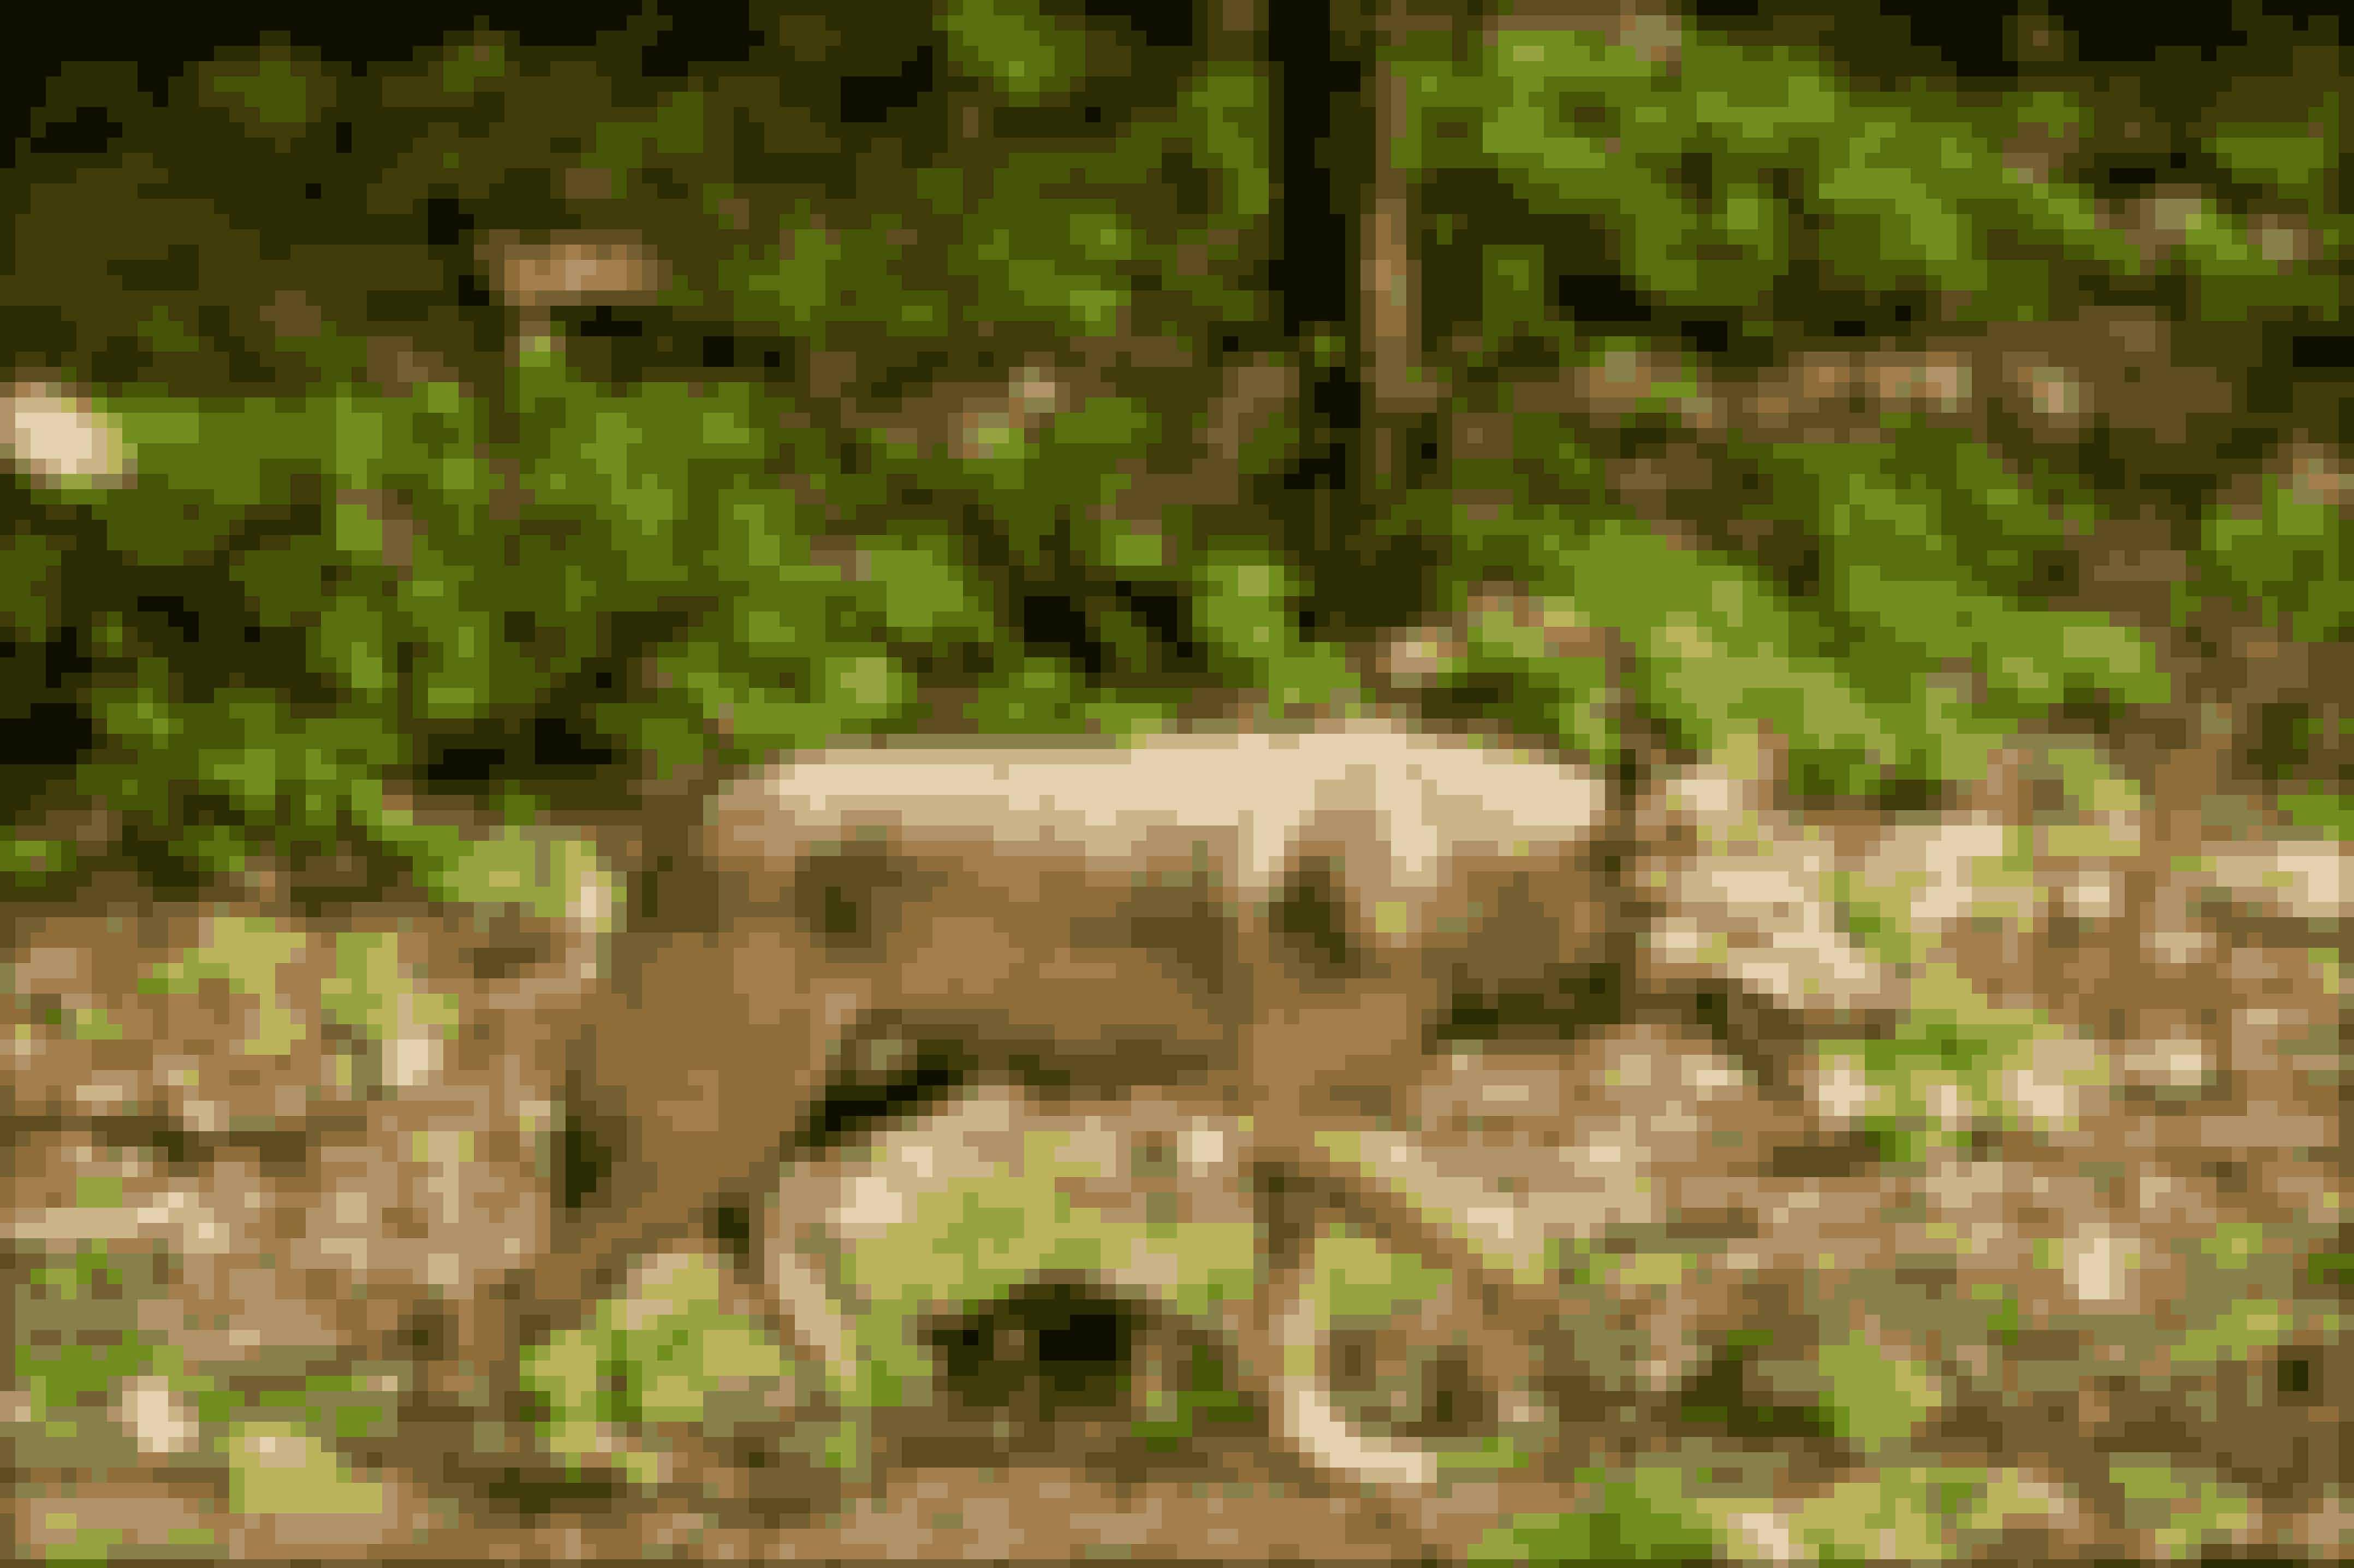 I 2018 skød en mand en fredet ulv på en mark ved Ulfborg. En forseelse, som Vestre Landsret i Viborg idømte ham 40 dages betinget fængsel for, ligesom han fik frataget sit jagttegn i to år. Her ses en ulv i Skånes dyrepark.